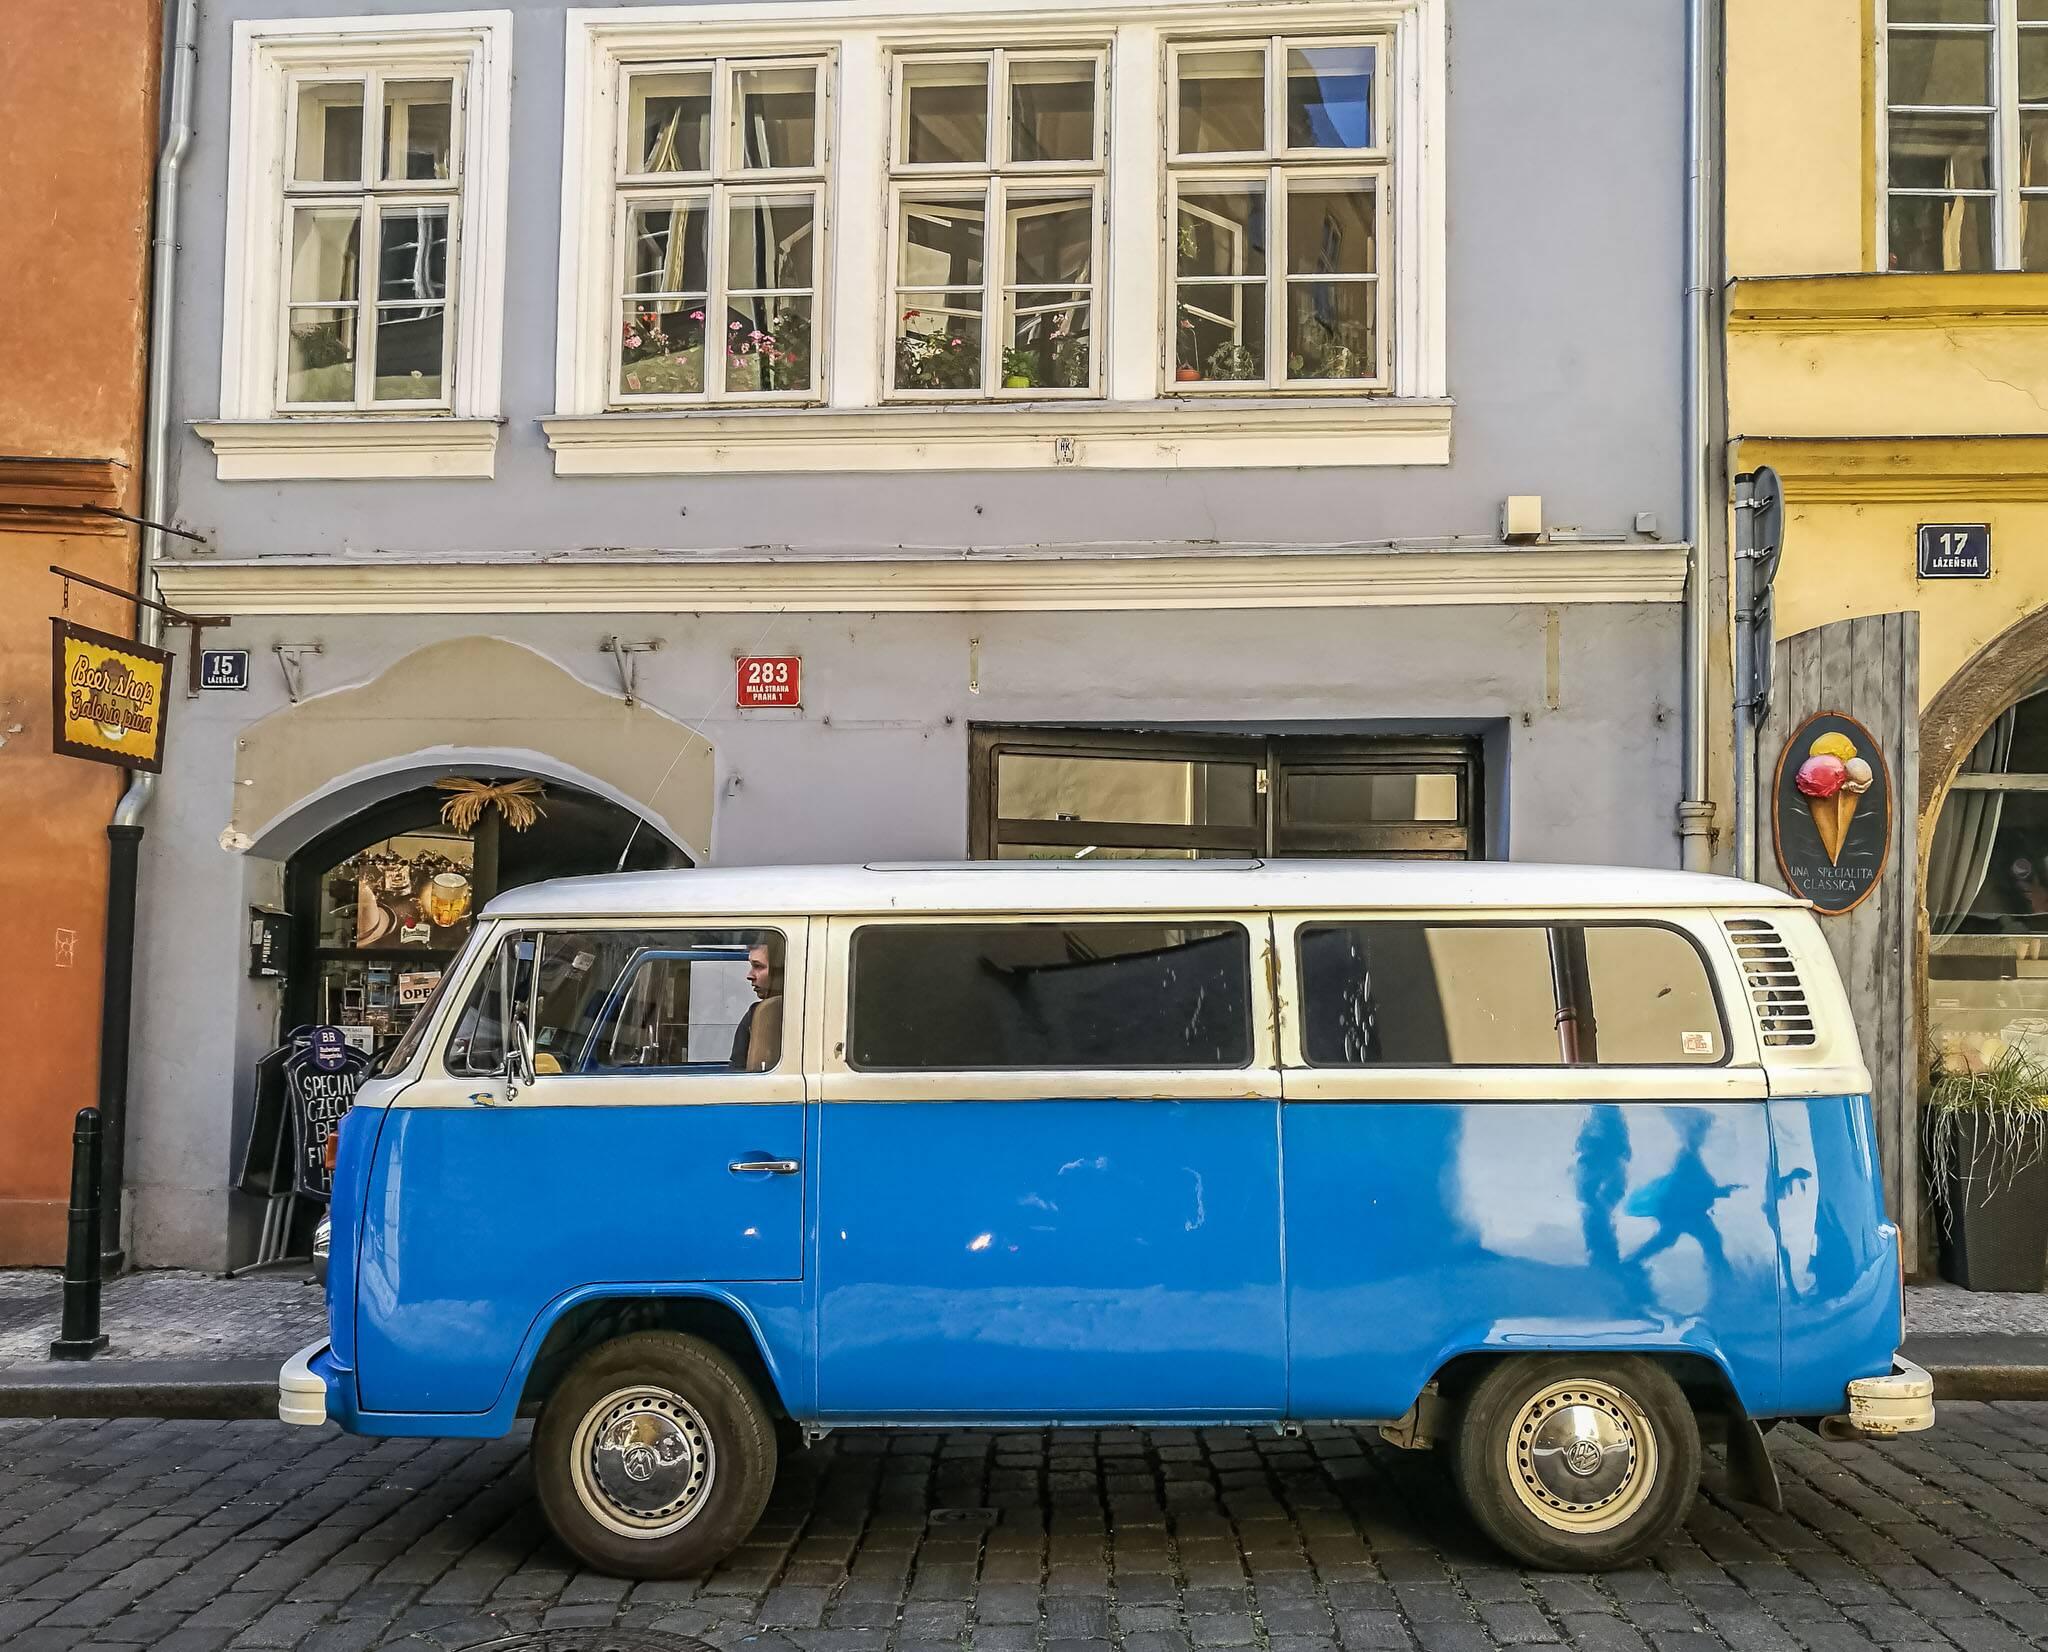 Kombi estilosa no centro de Praga   Foto: Bruno/@naproadavida